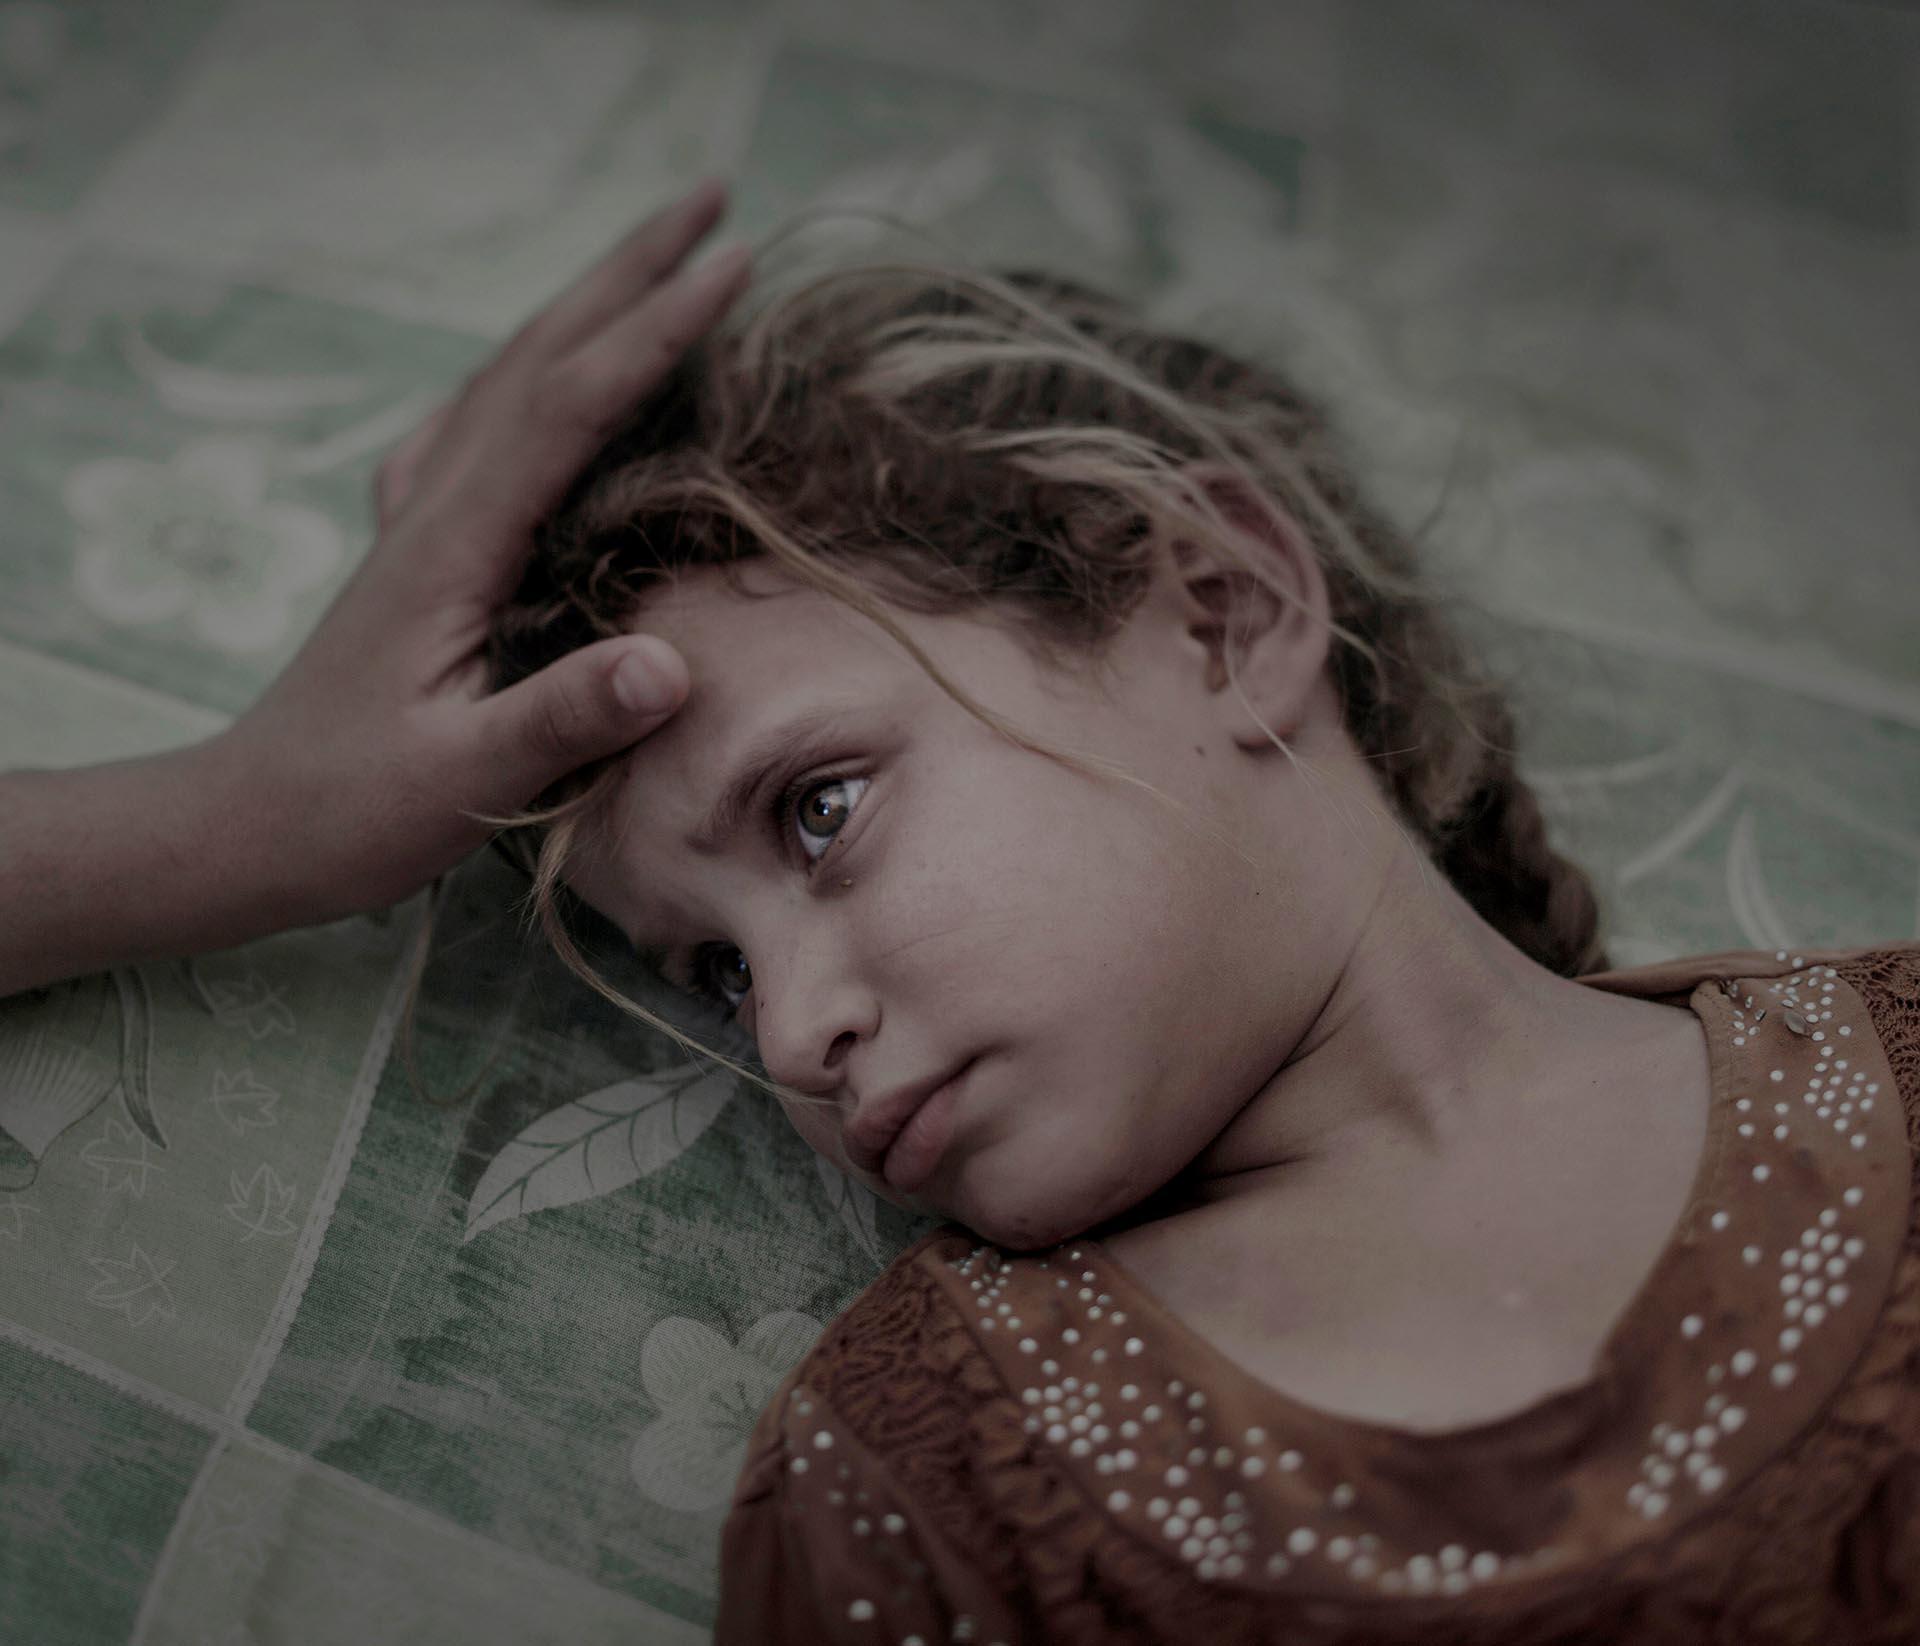 Gente, primer premio. La pequeña Maha, de 5 años, y su familia huyen del Estado islámico en Irak. Magnus Wennman, Aftonbladet/REUTERS